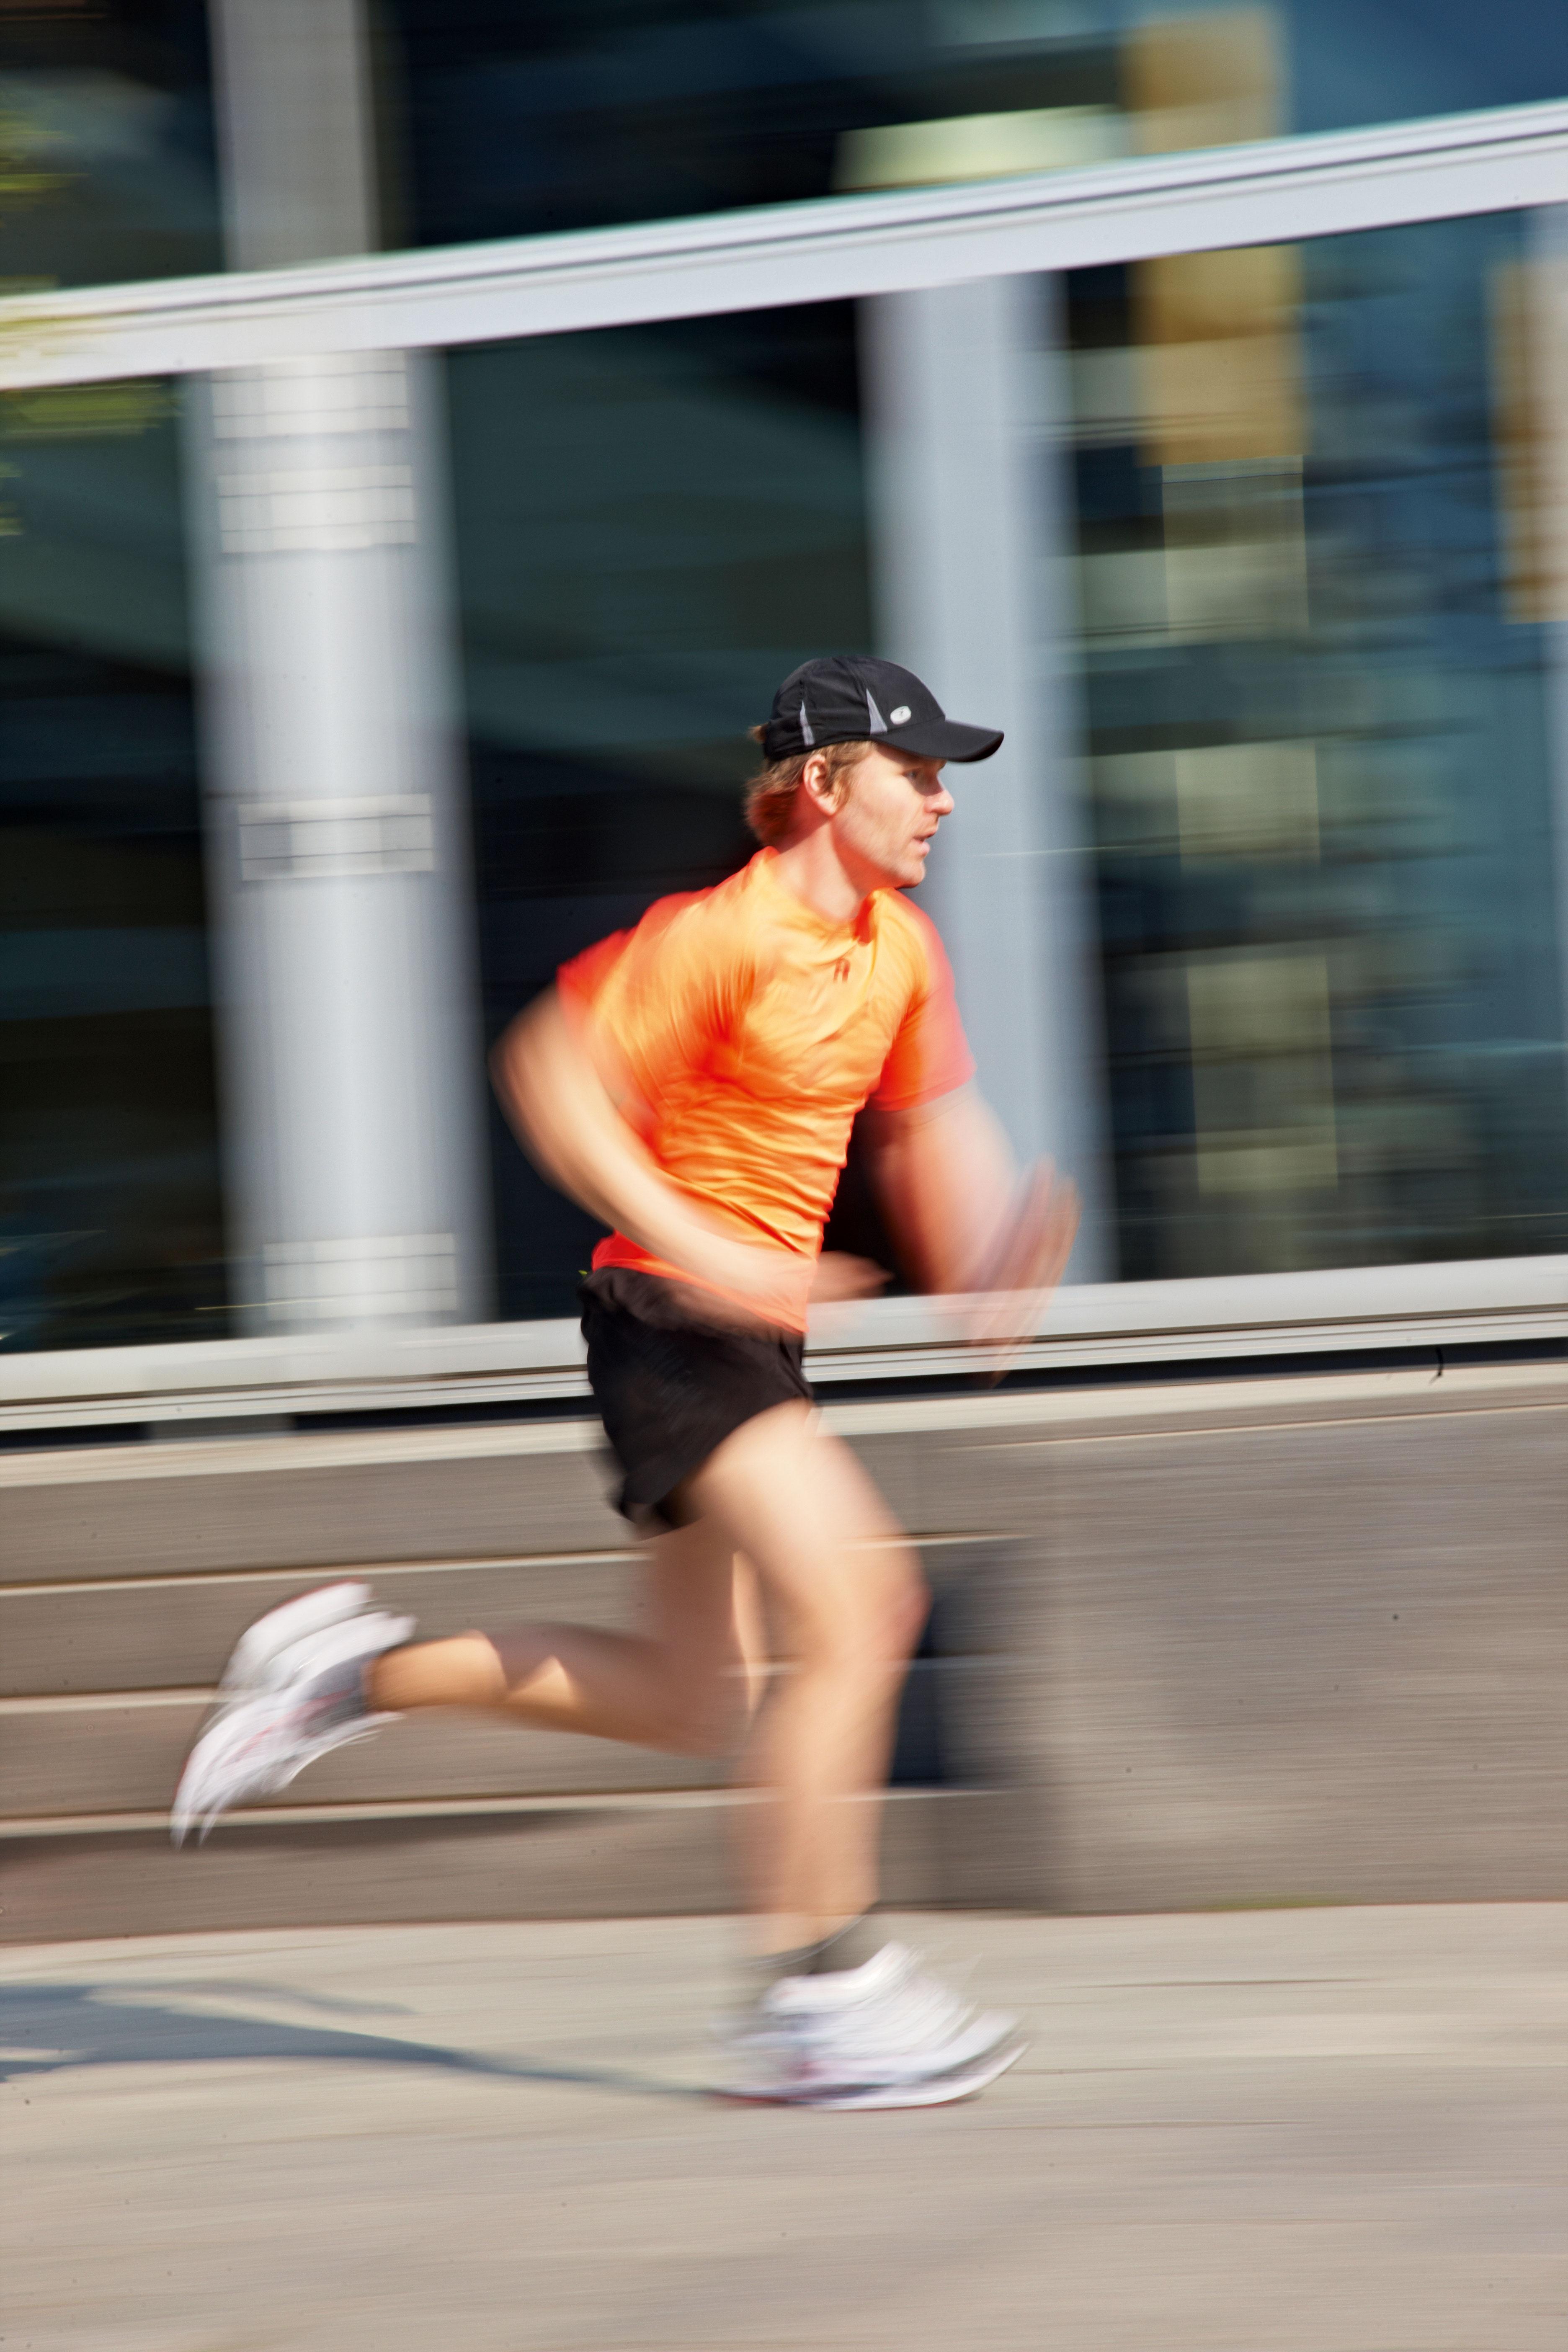 Løbe T shirt: Test og anmeldelse af løbe T shirt 2012